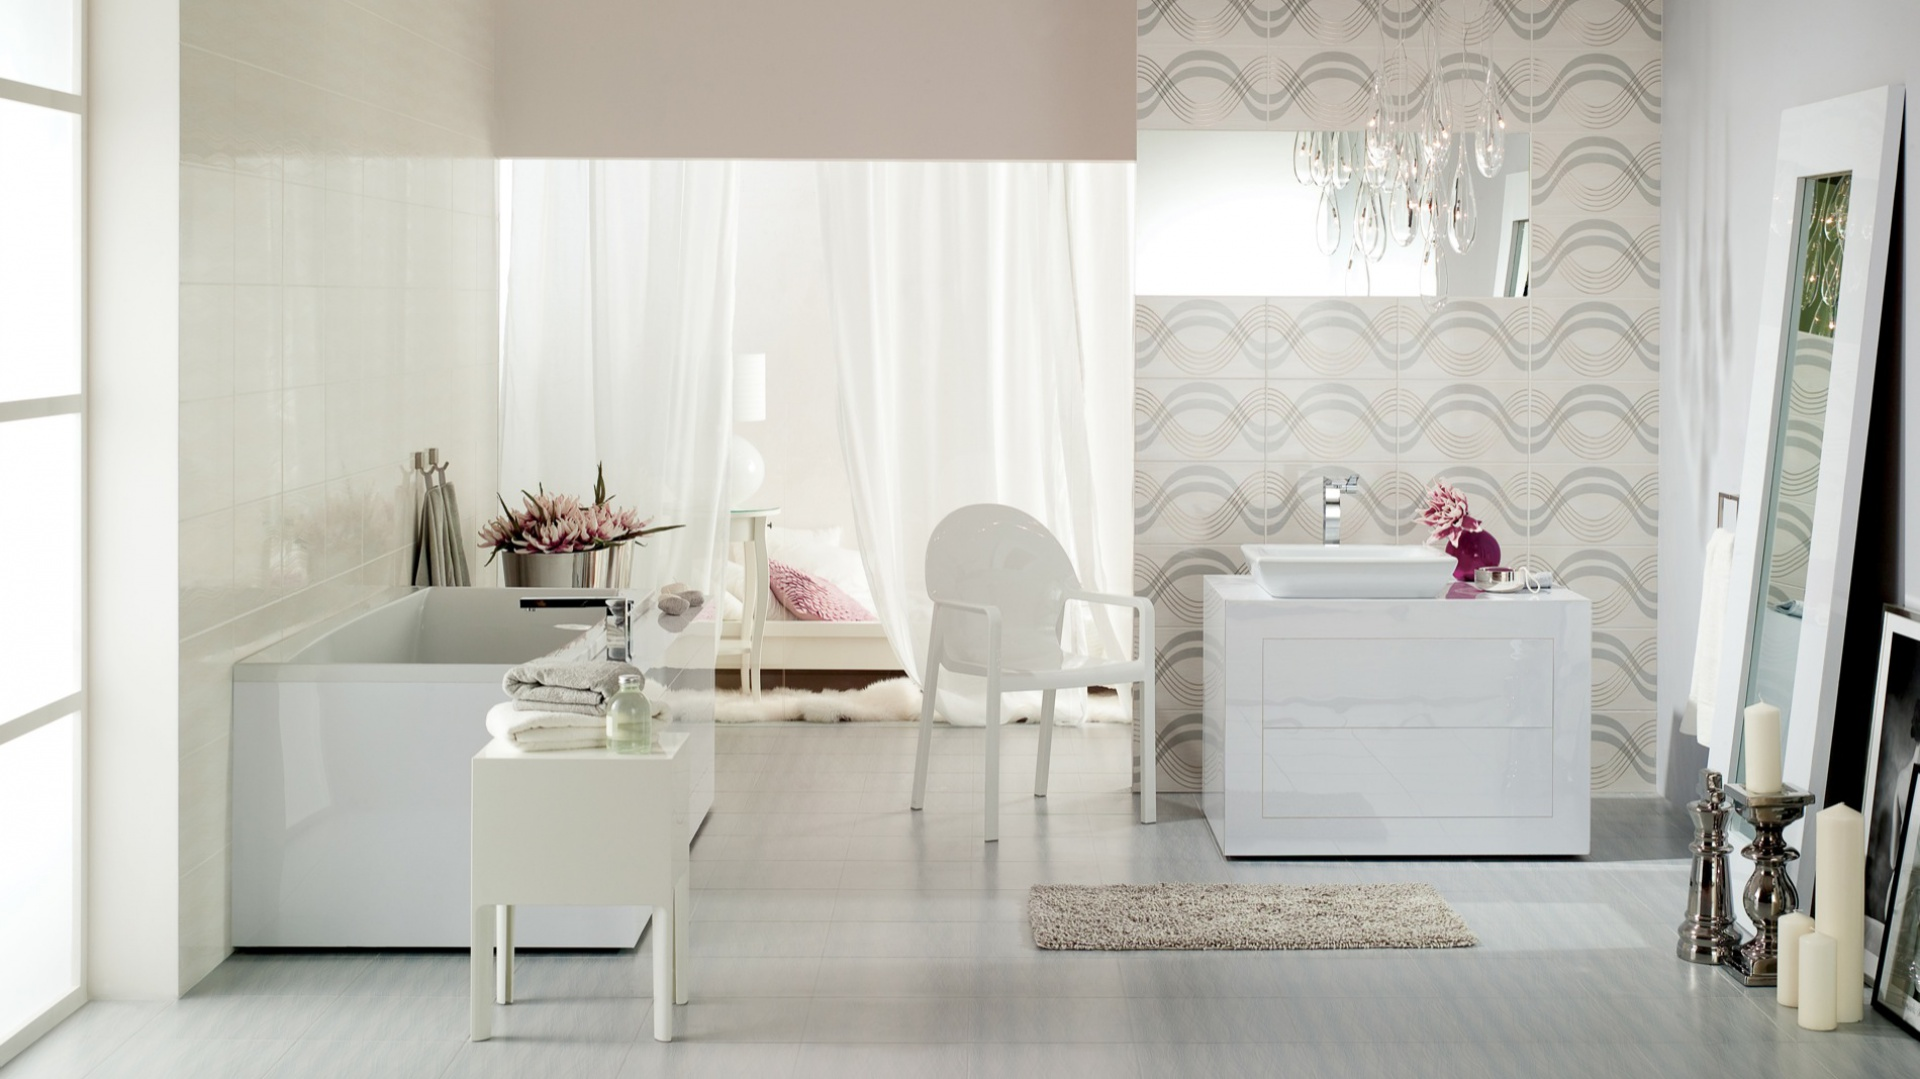 Aranżację jasnej eleganckiej łazienki urozmaica ściana nad umywalką wyłożona płytkami Felina Grey Inserto (rozmiar 25X40 cm) z wzorem dynamicznych, falistych szlaczków. Cena: 29,50 zł/szt. Fot. Cersanit.